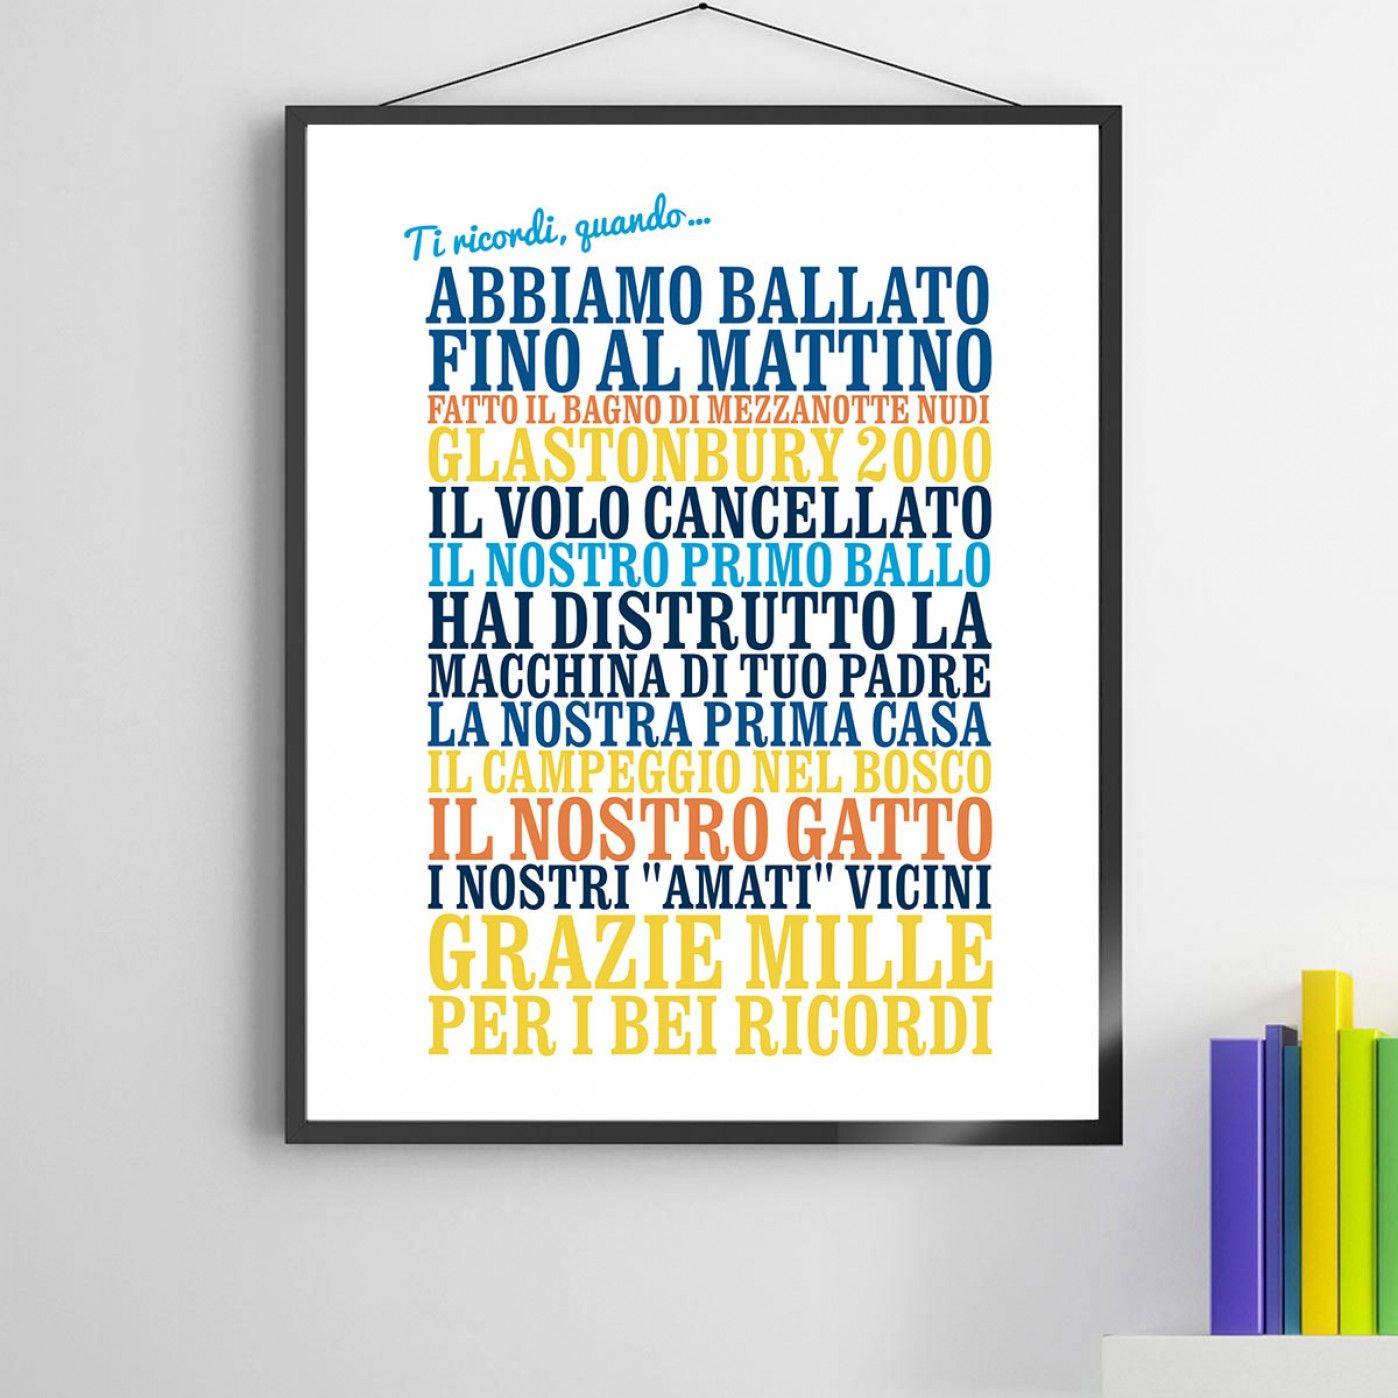 """Poster personalizzato """"Ti ricordi quando..."""" http://www.design-miss.com/poster-personalizzato-ti-ricordi-quando/ I #ricordi più belli in un #poster personalizzato da regalare ad una persona speciale!"""